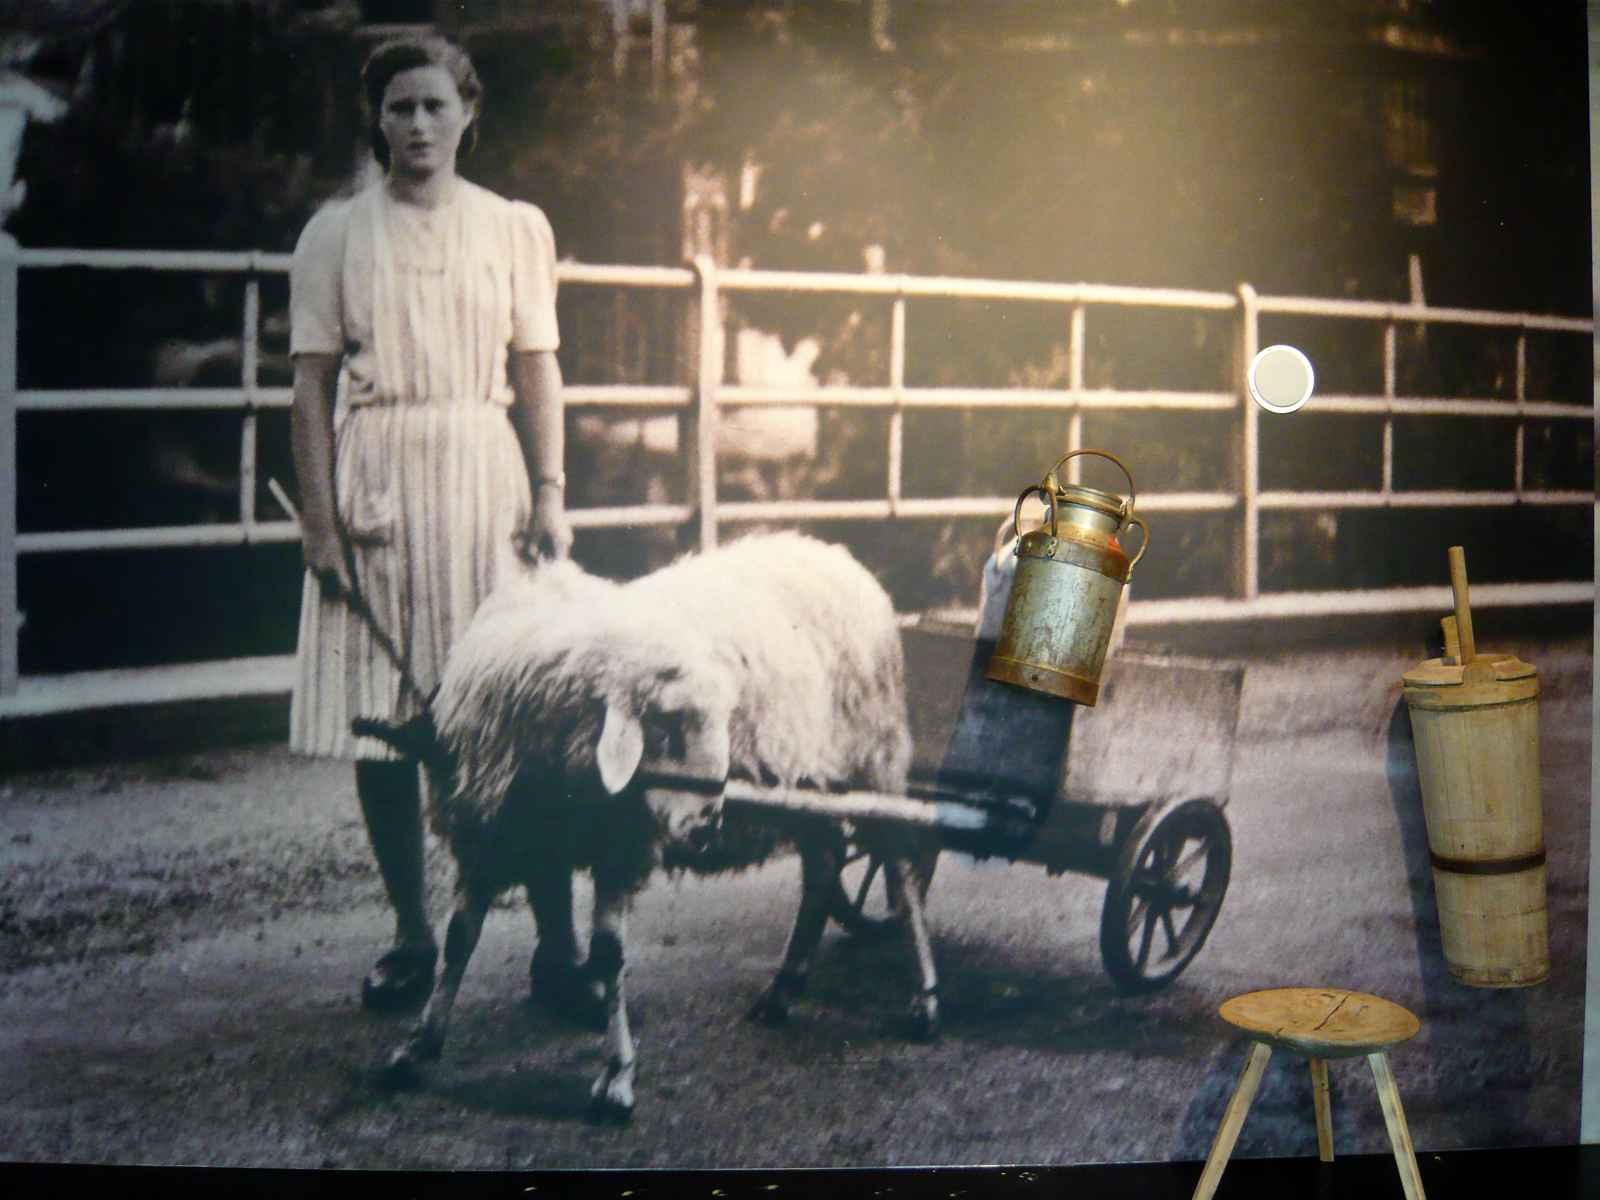 historisches Foto Marktfahrerin mit Originalobjekten und Audio